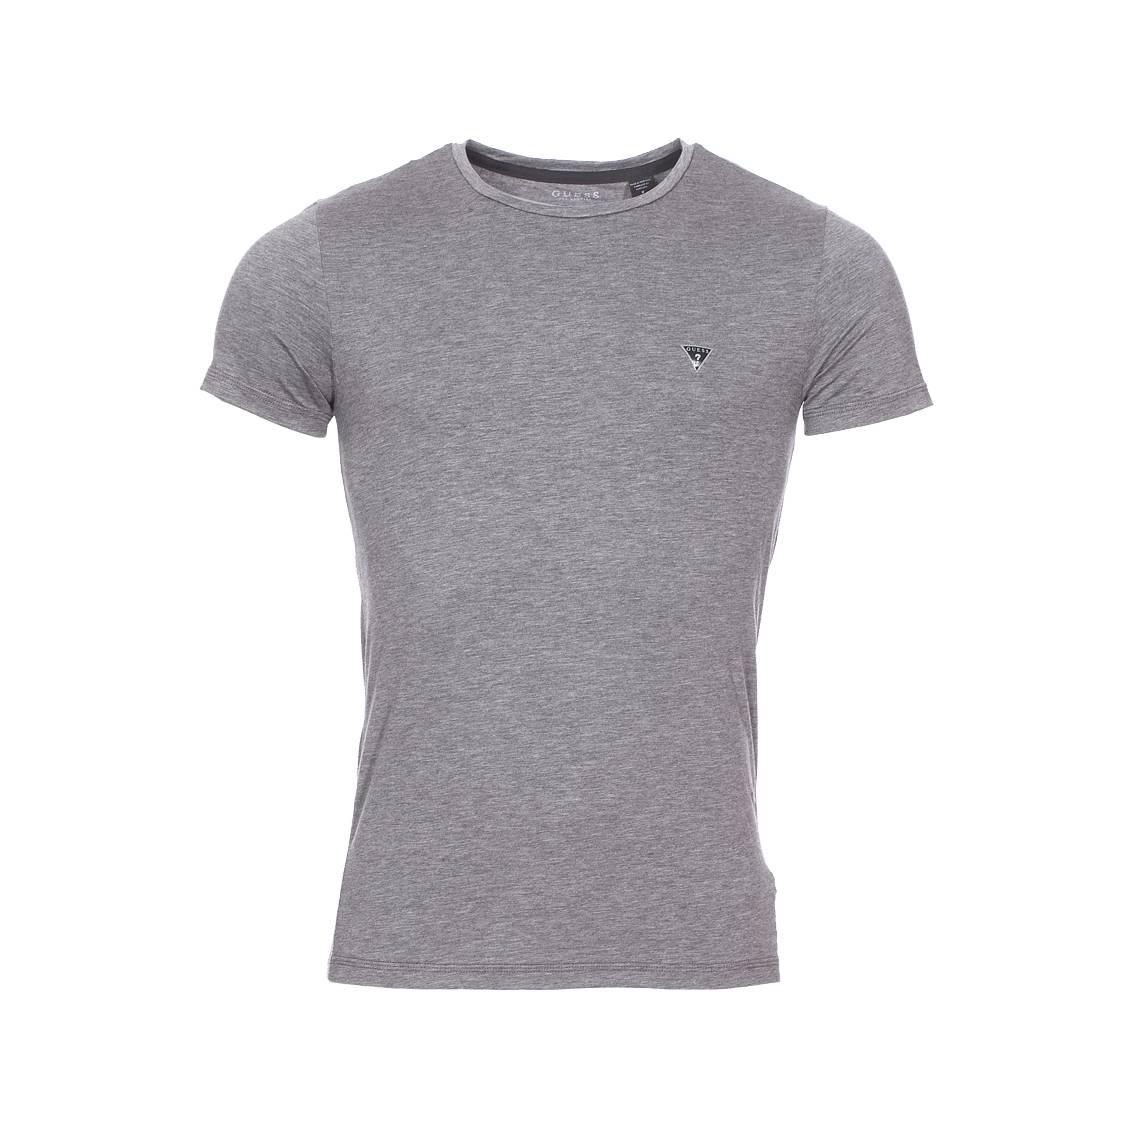 Tee-shirt col rond guess en lyocell stretch gris foncé chiné